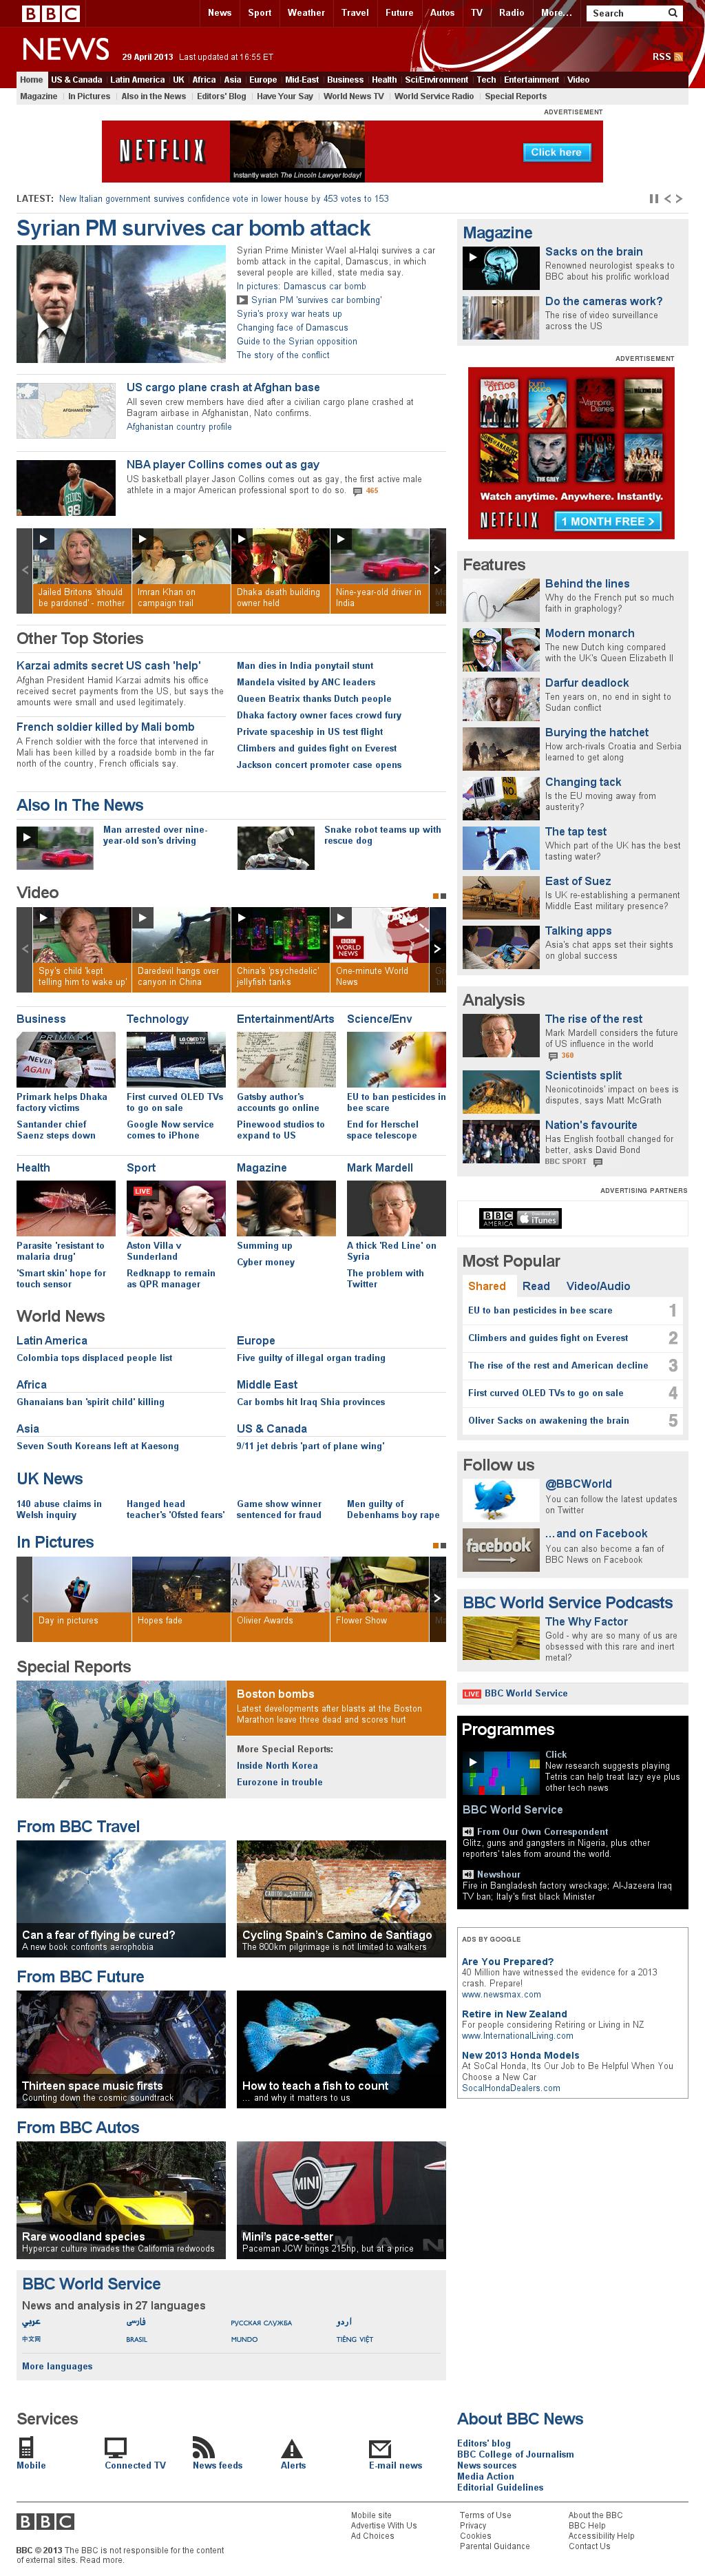 BBC at Monday April 29, 2013, 9:01 p.m. UTC